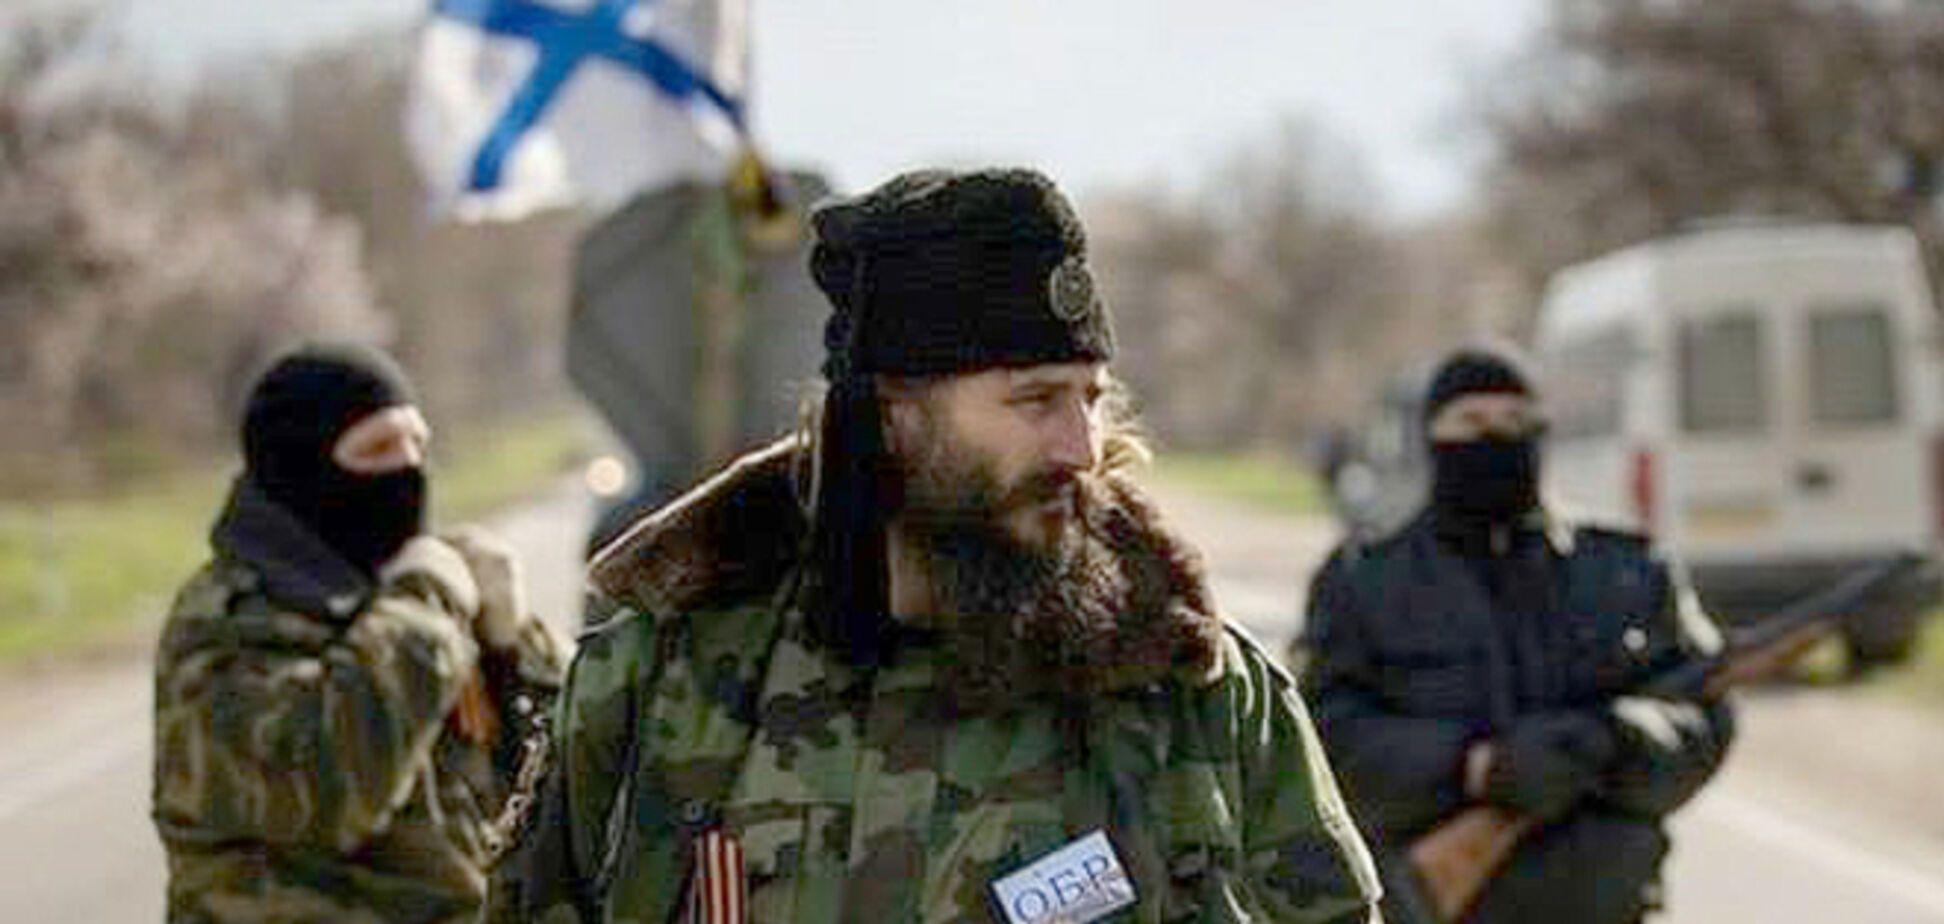 Сербські 'добровольці' на Донбасі, або до чого веде дружба з агресором